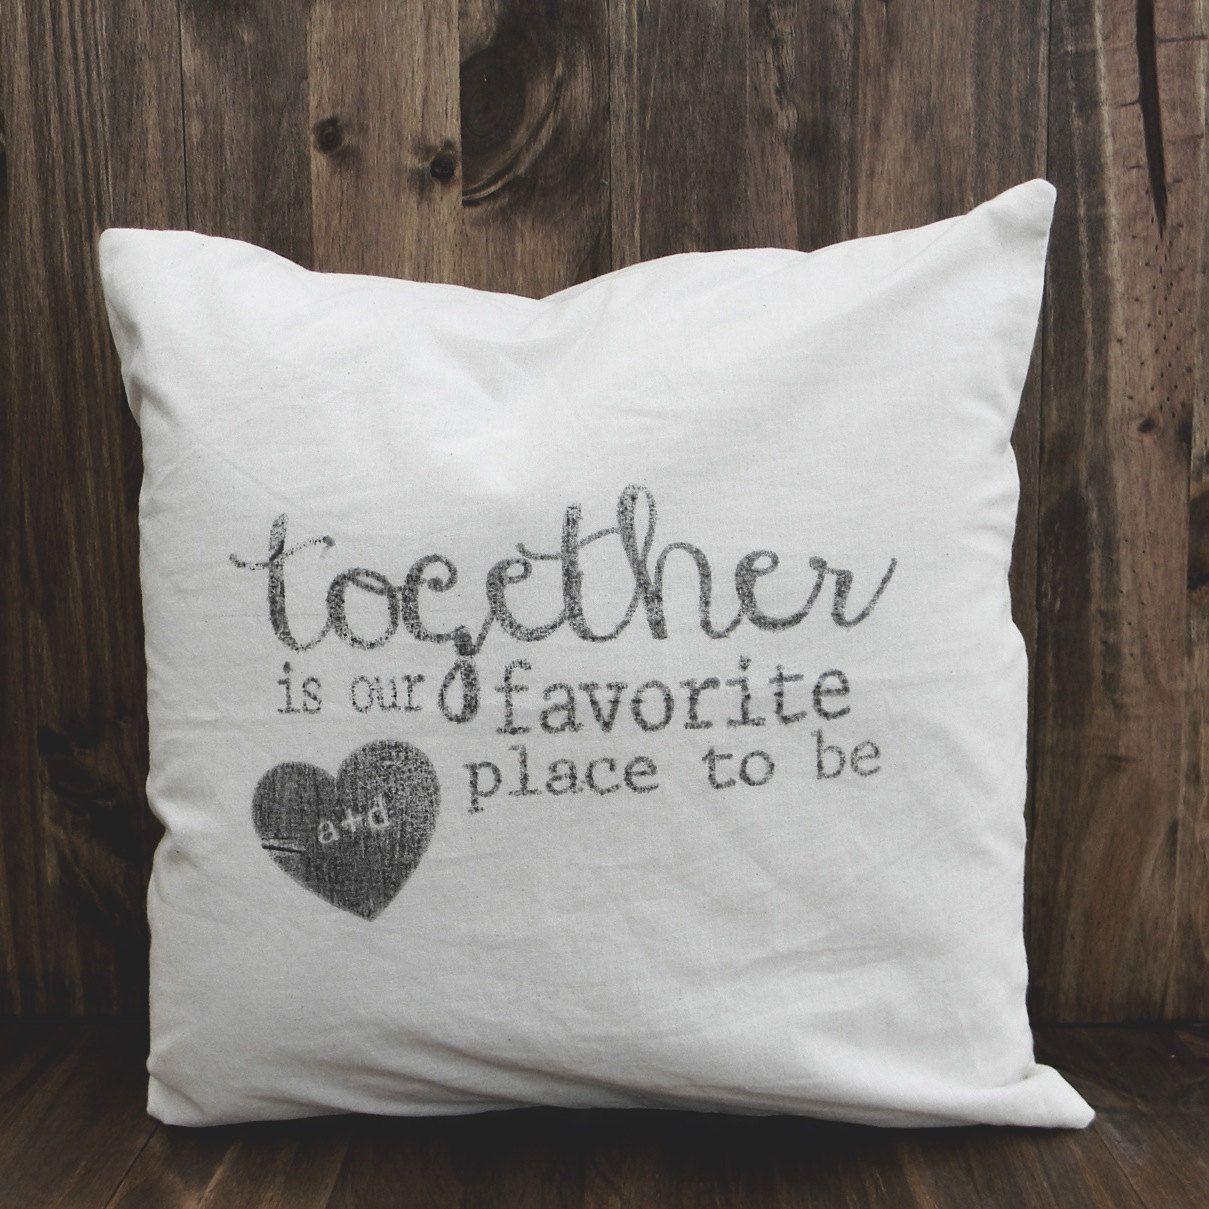 die besten 25 personalisierte kissen ideen auf pinterest. Black Bedroom Furniture Sets. Home Design Ideas